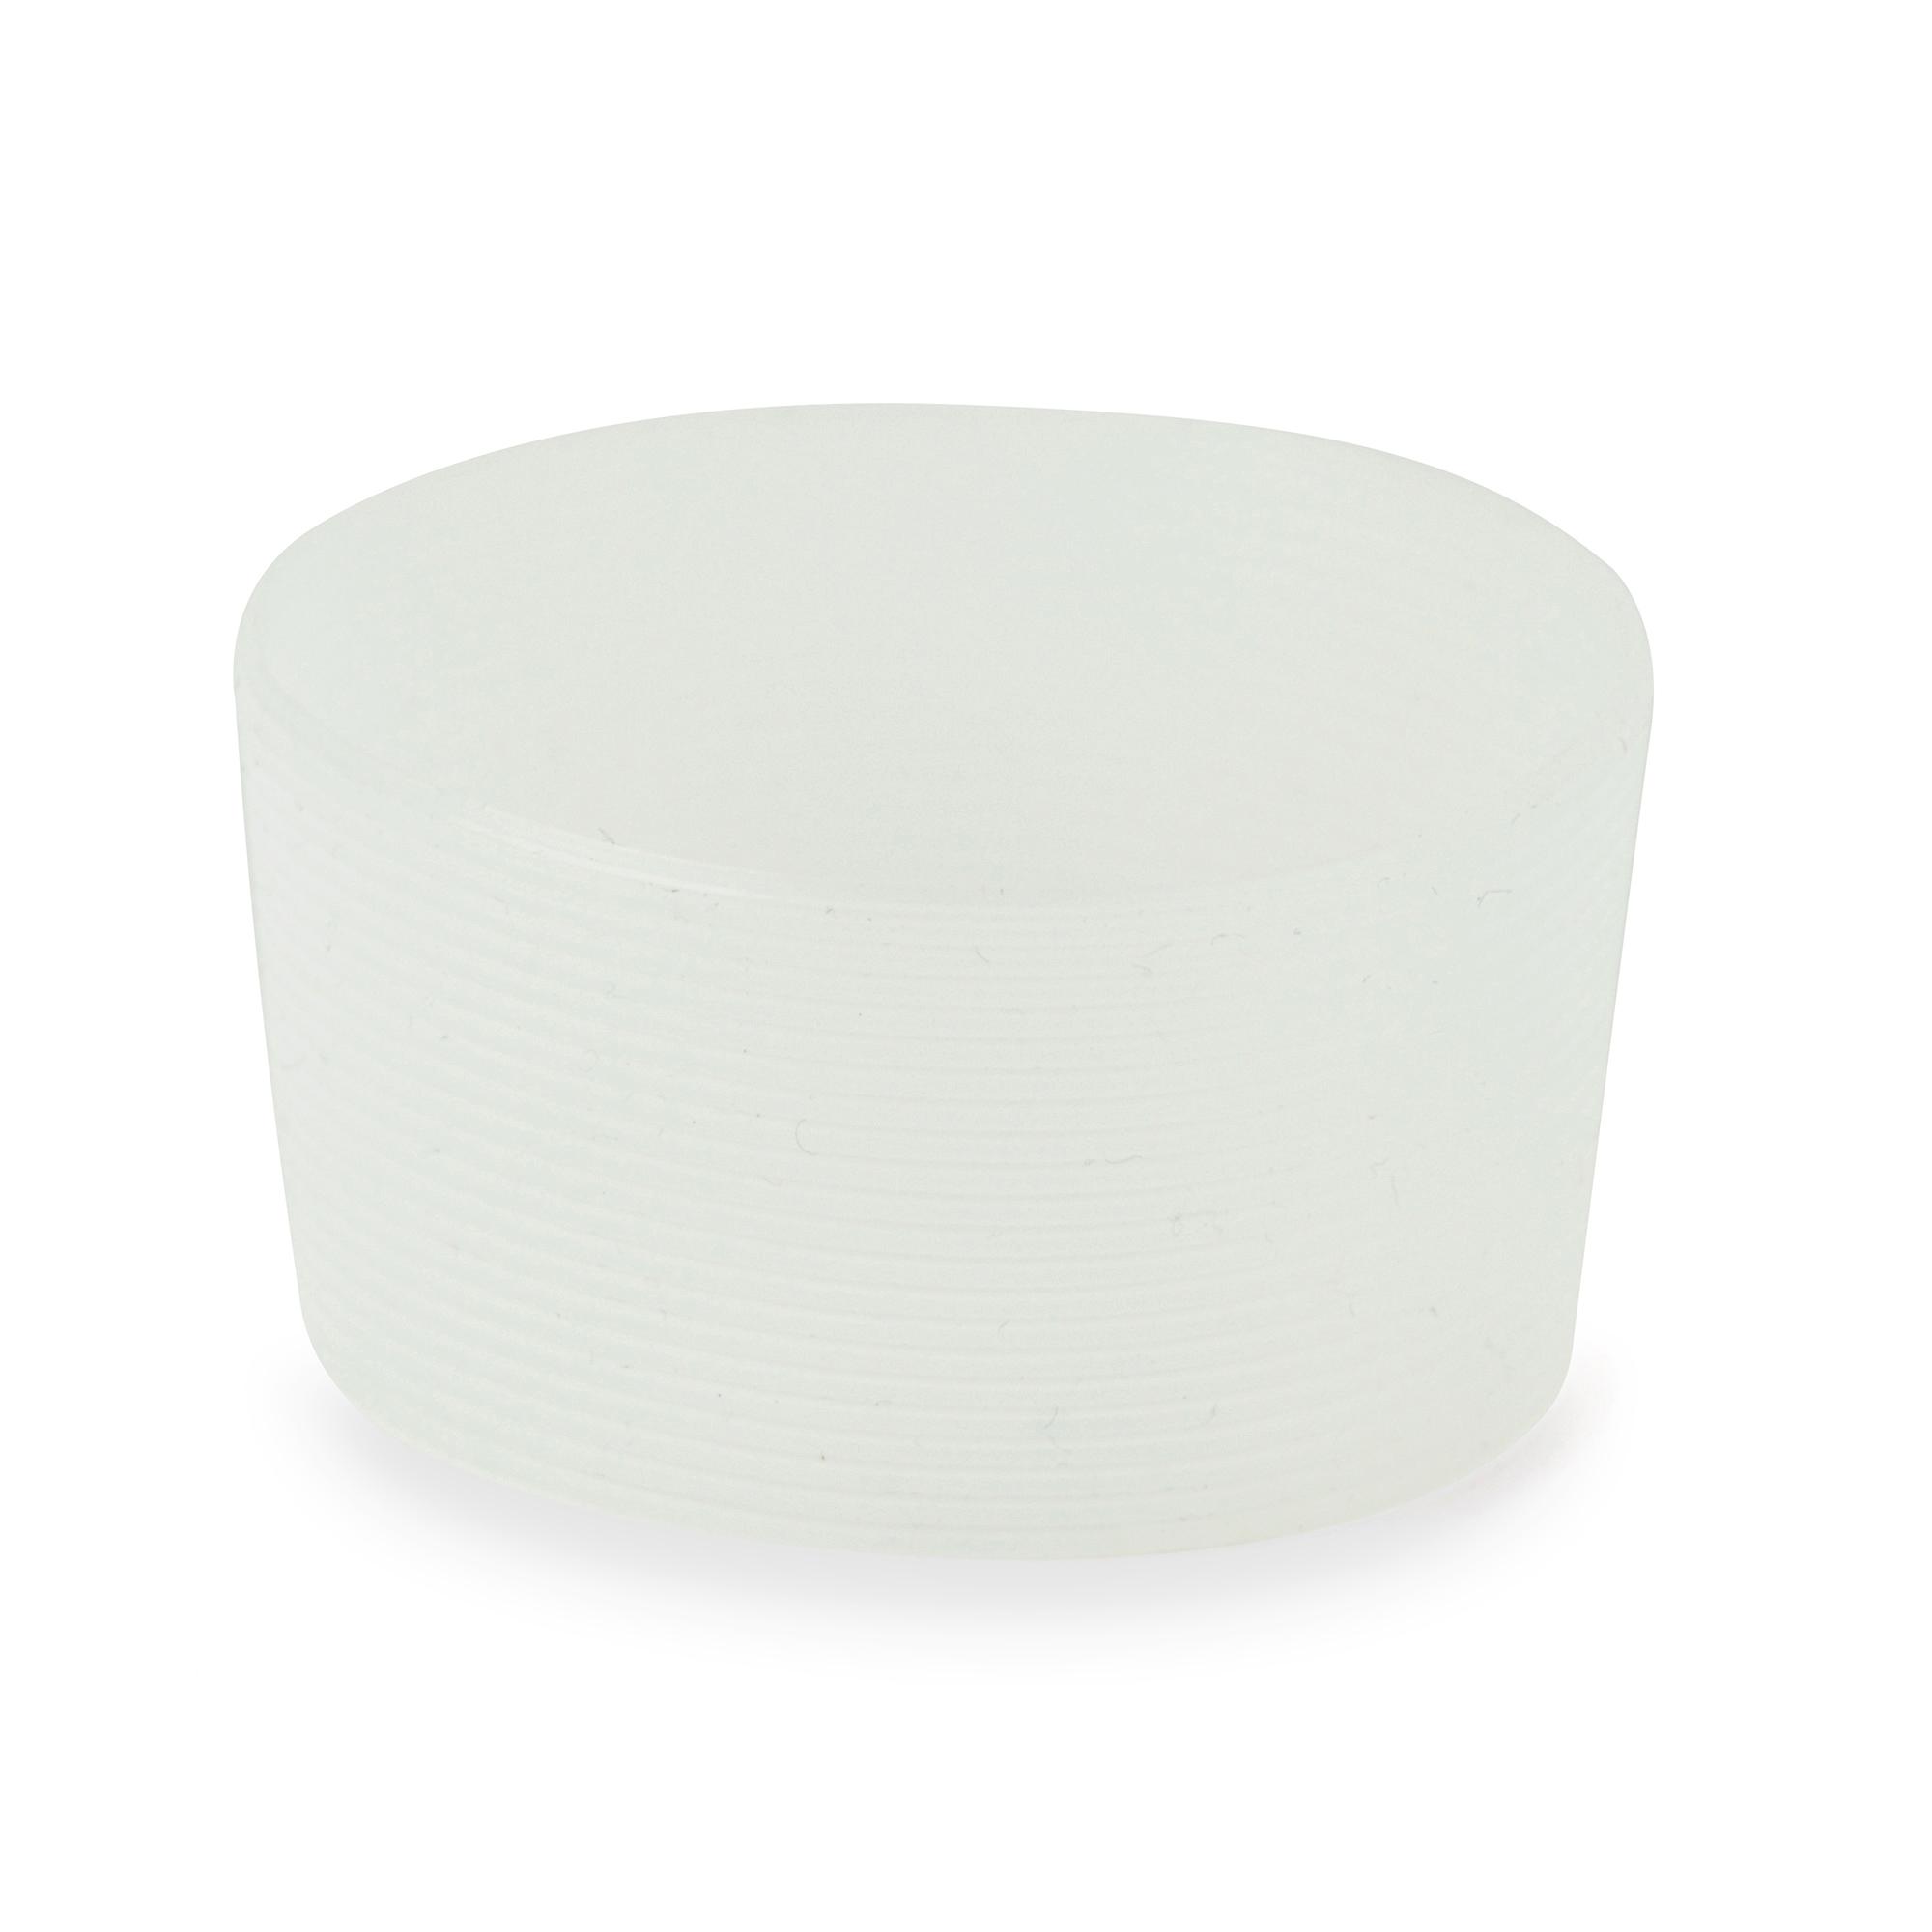 Silicone CafÉ Grip For Travel Mug